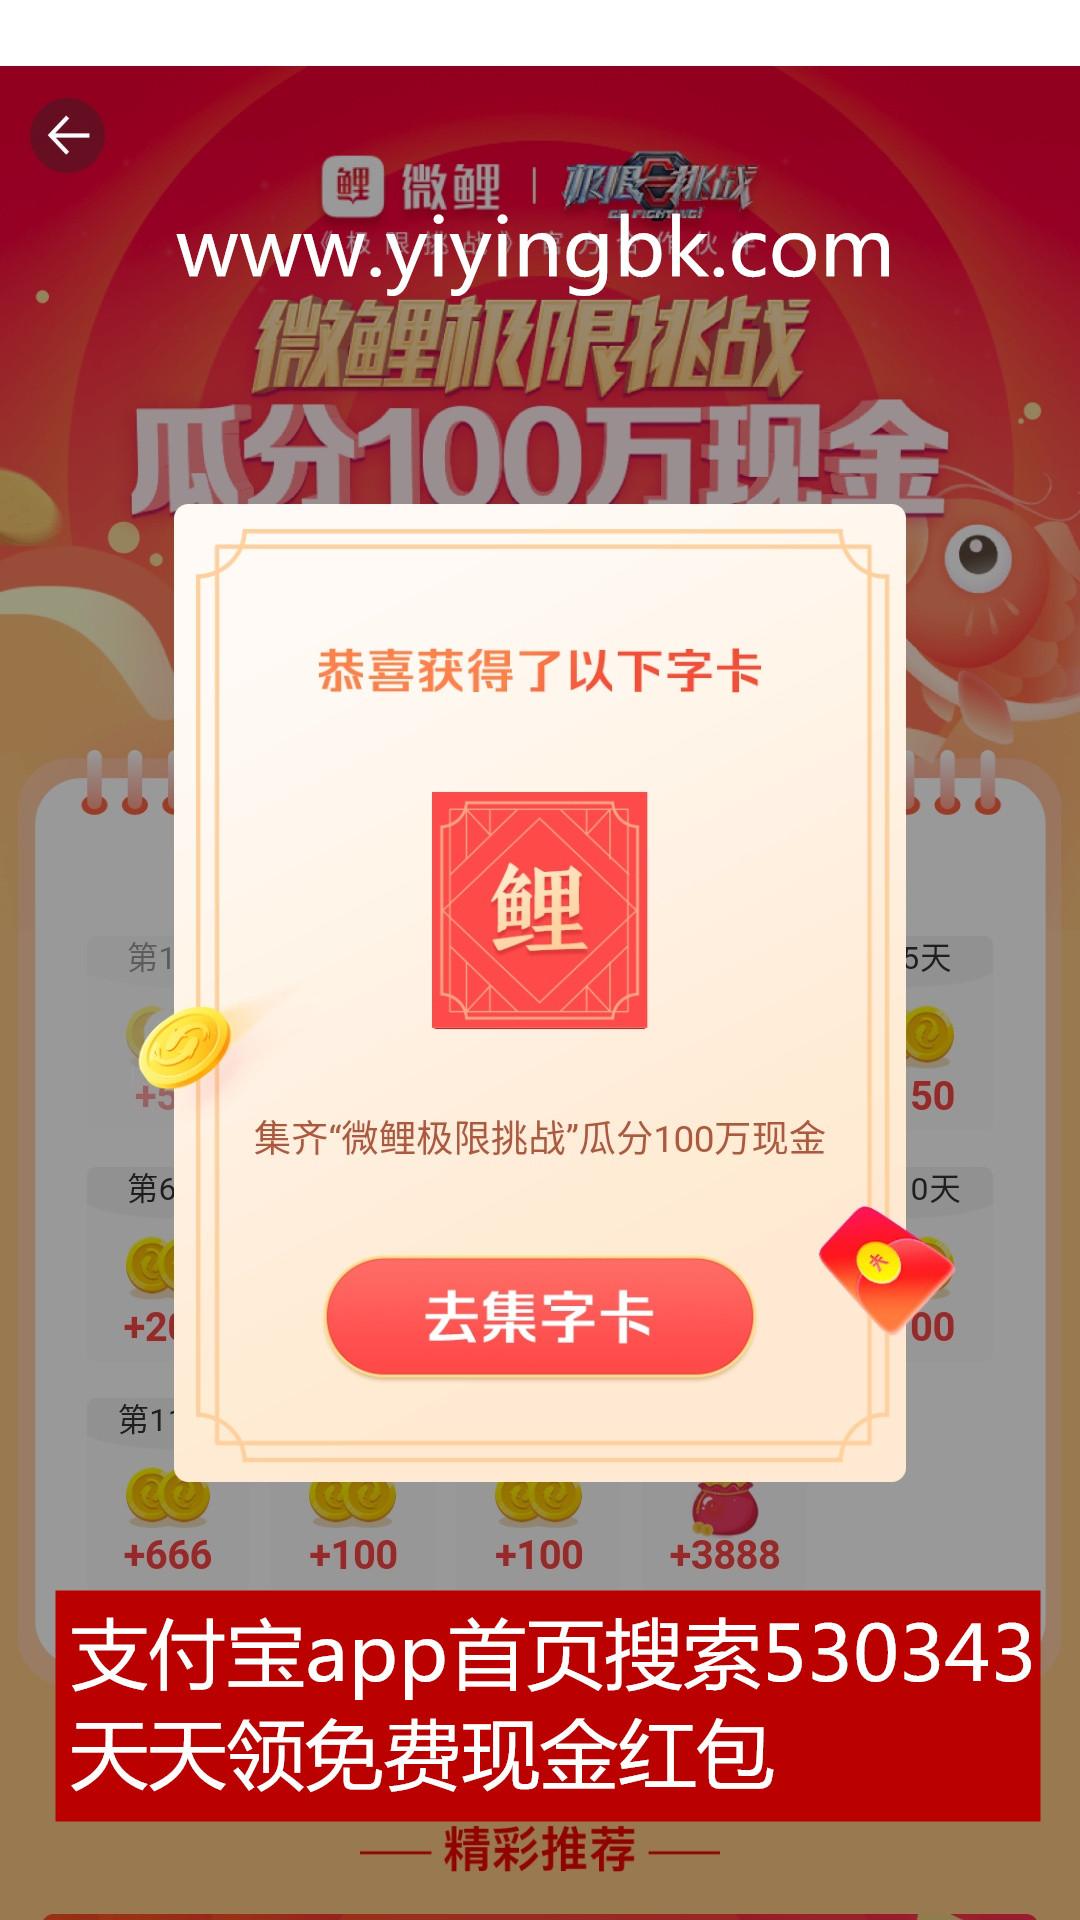 微鲤看看集齐6字瓜分100万现金红包,收集到了鲤字卡。